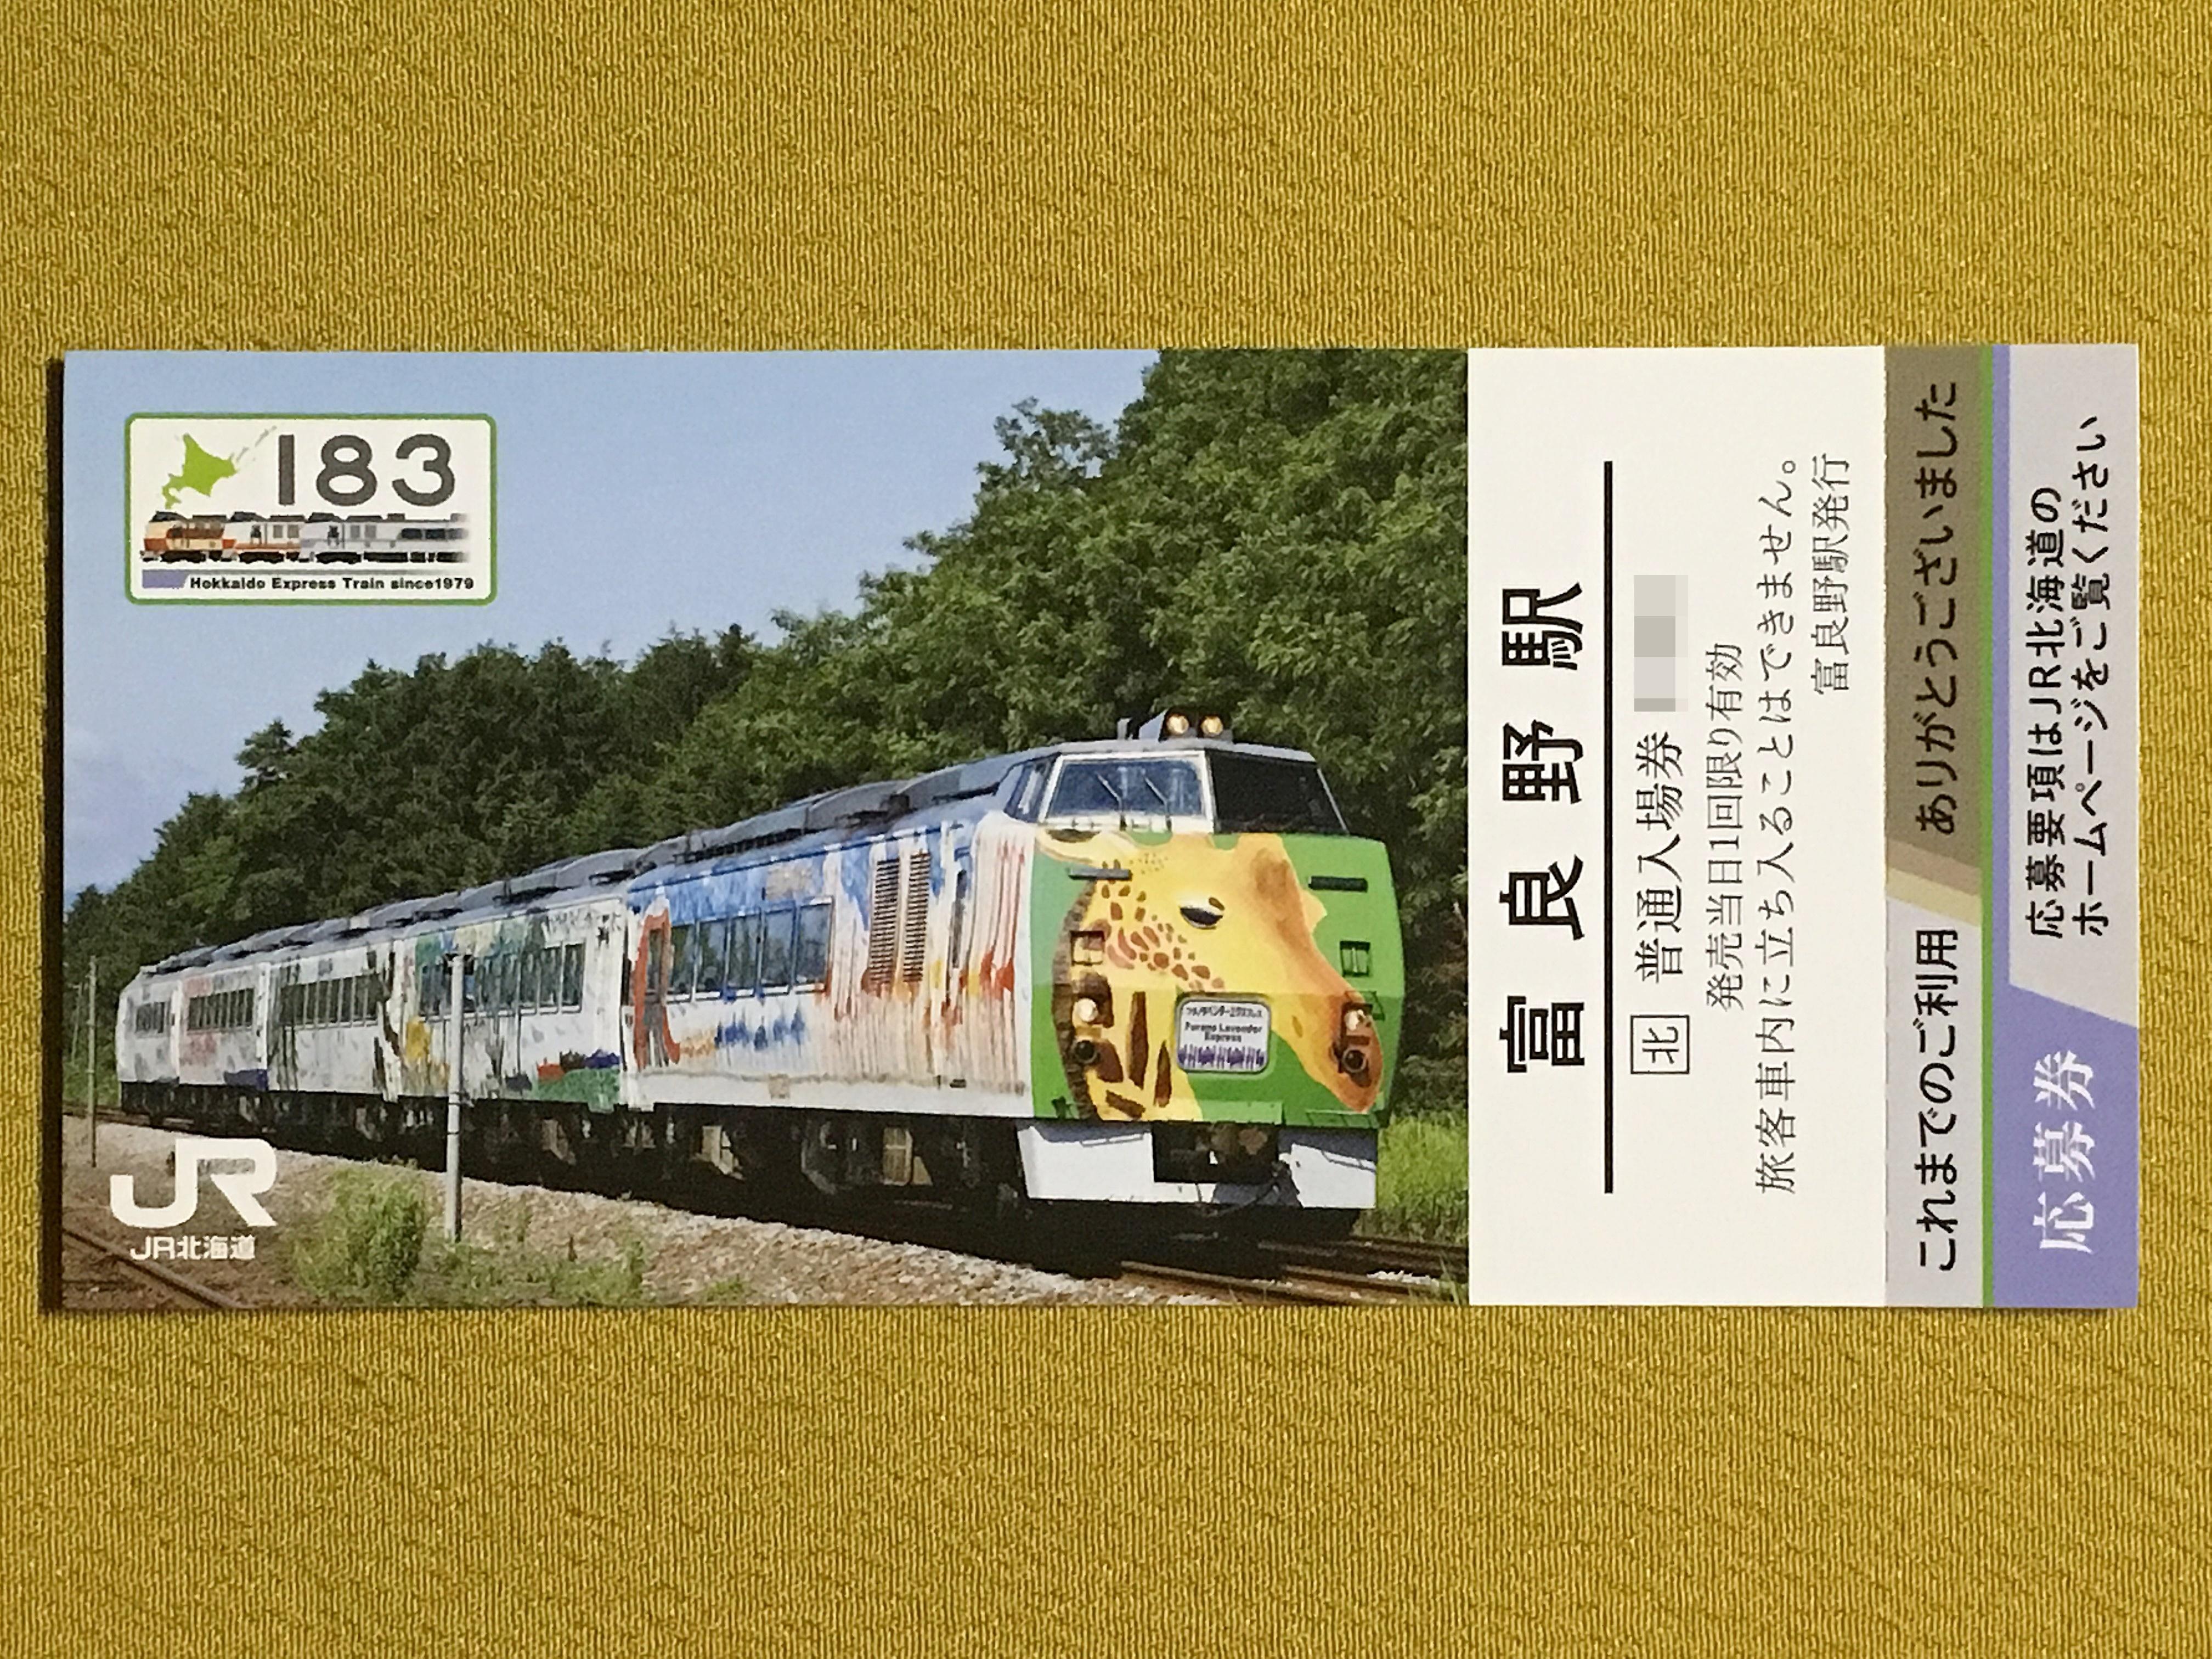 キハ183-0系記念入場券 富良野駅表.JPG